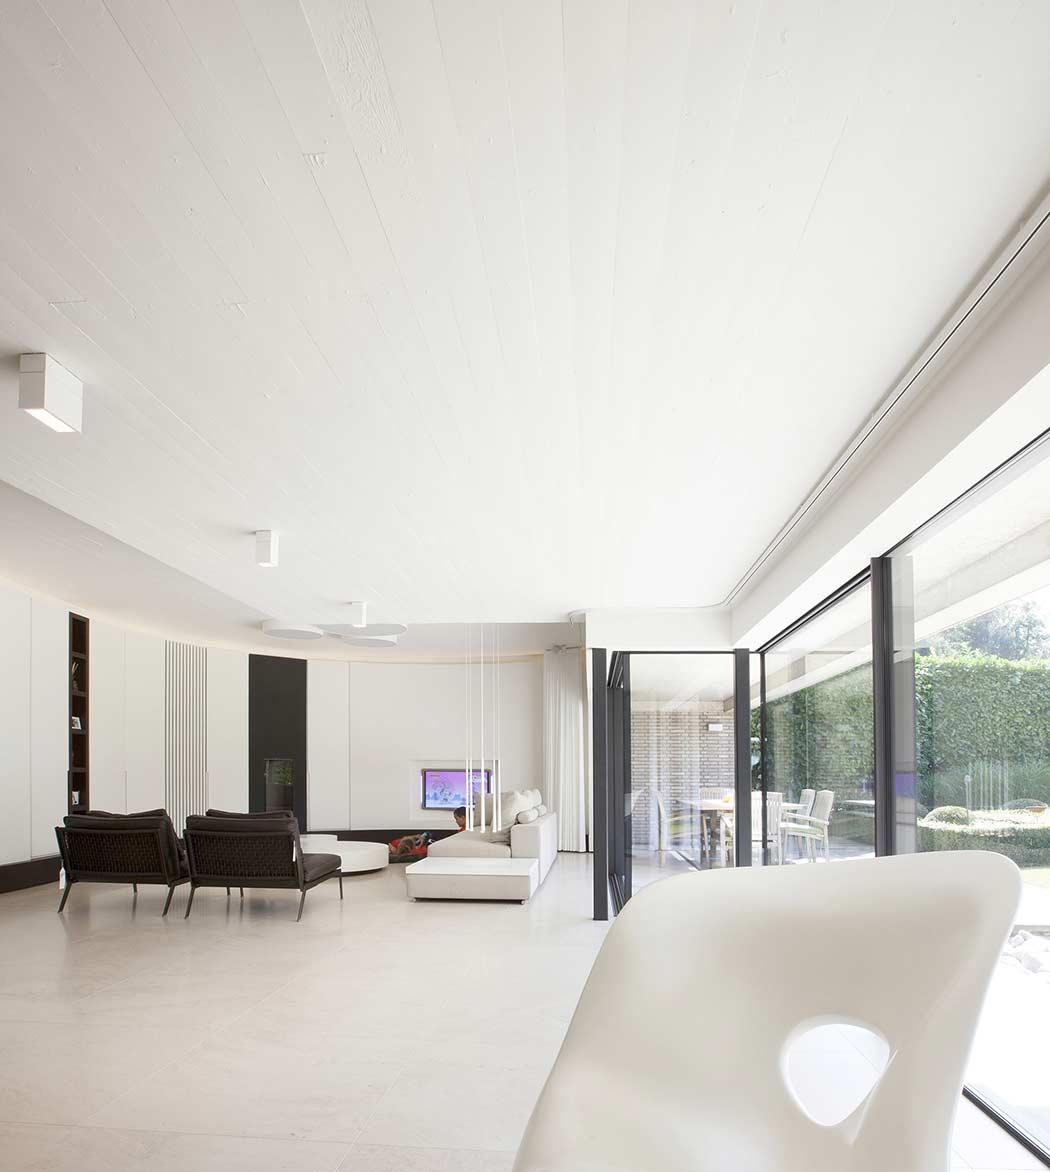 De 50 fotos de salas decoradas modernas peque as for Casa minimalista rustica